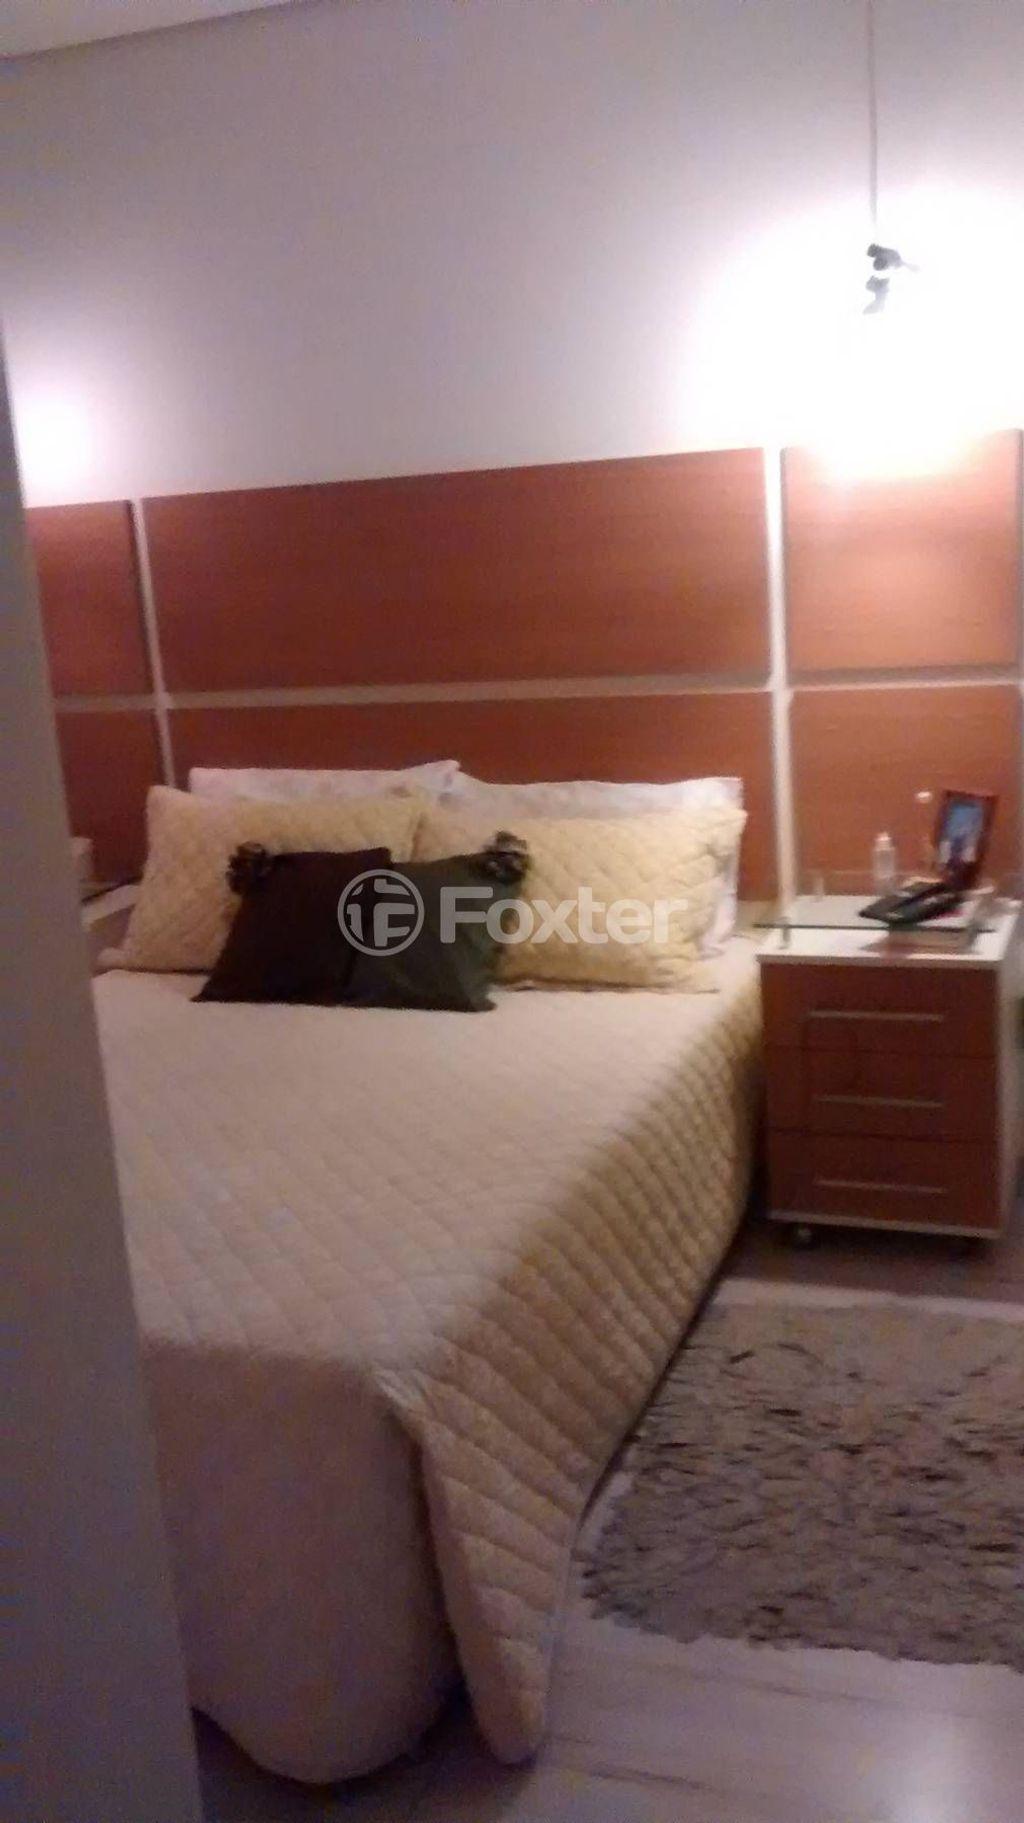 Foxter Imobiliária - Apto 3 Dorm, Cristal (124357) - Foto 14